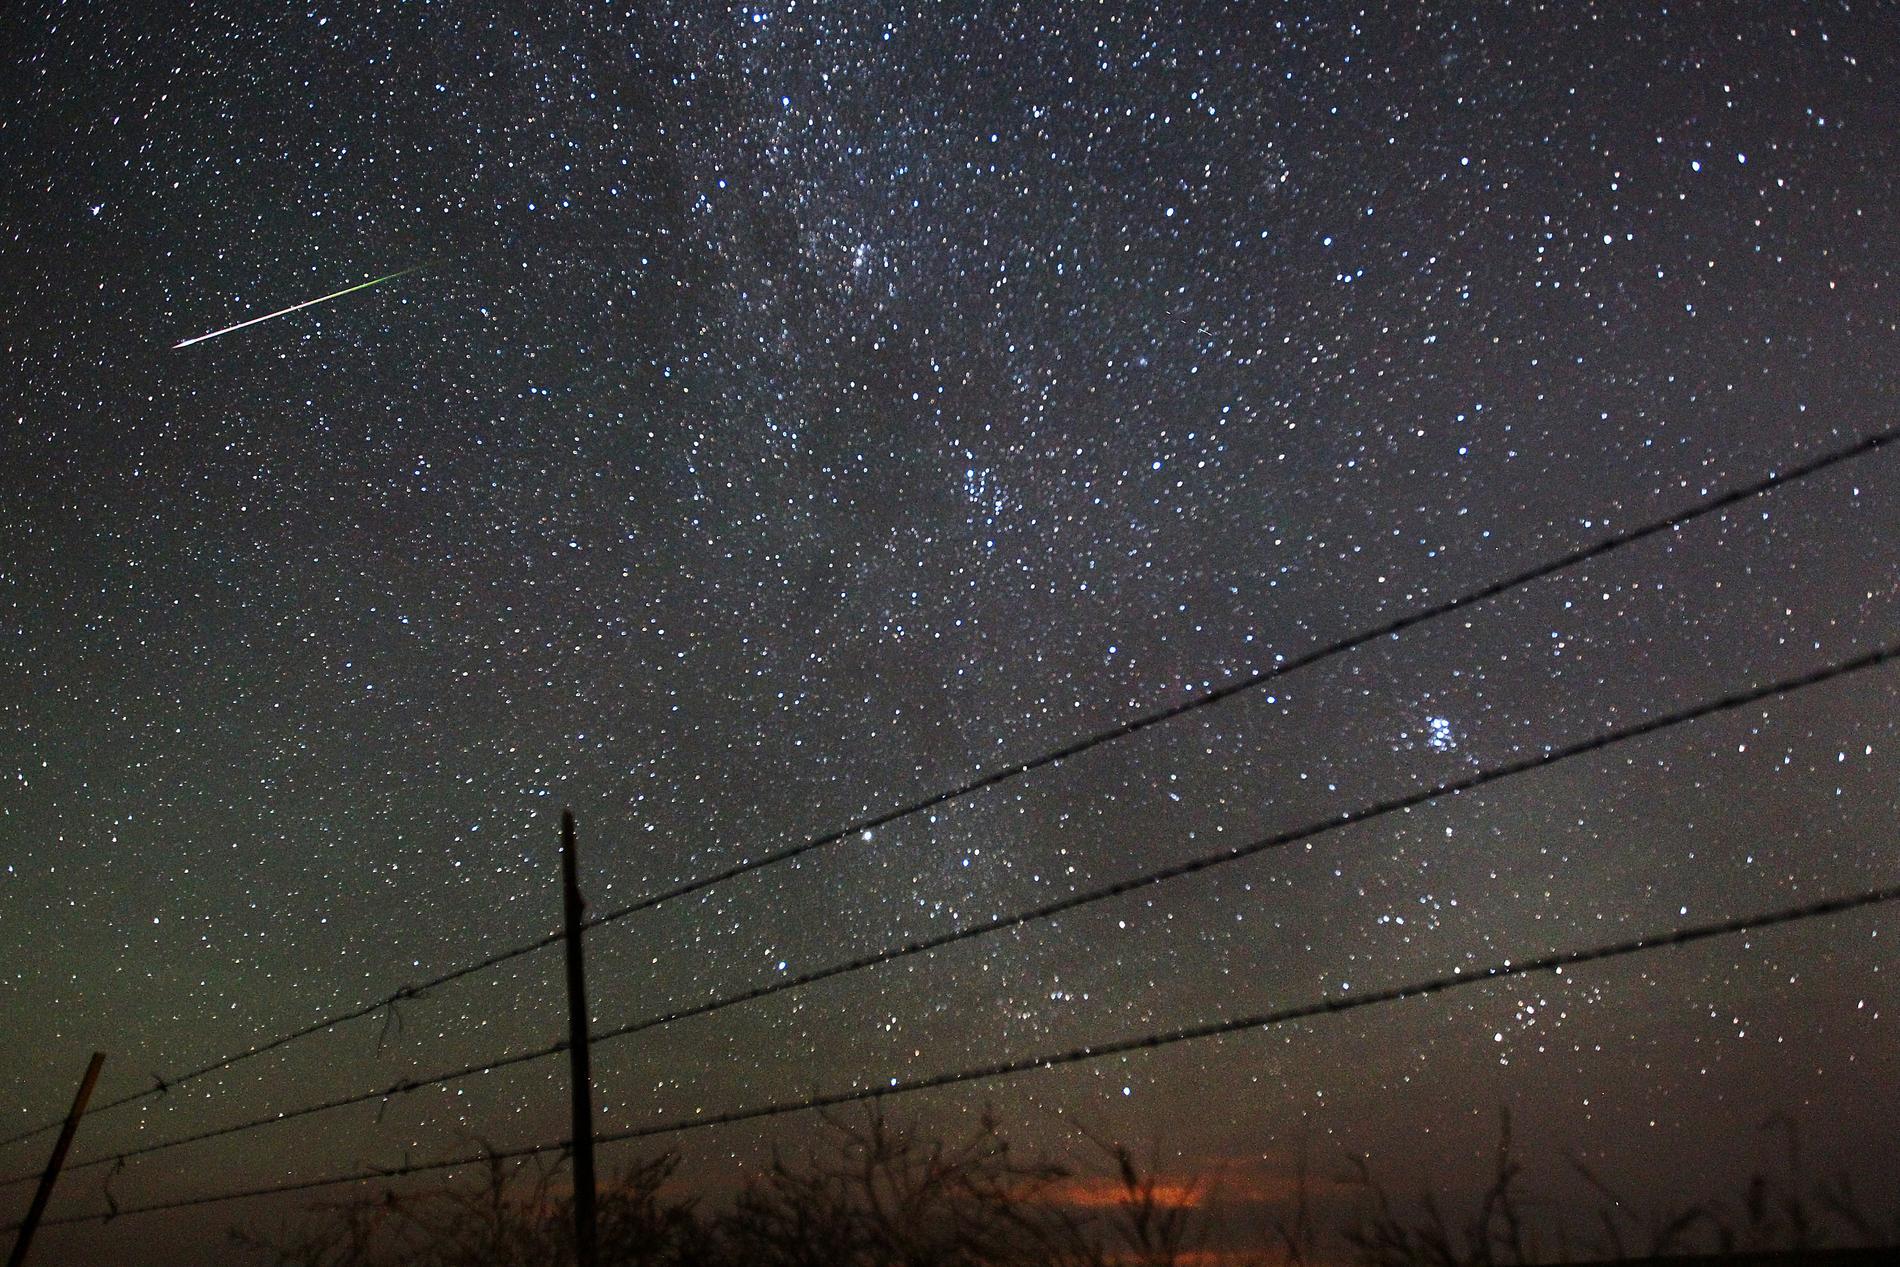 Meteorregnet Perseiderna inträffar en gång per år. Arkivbild.